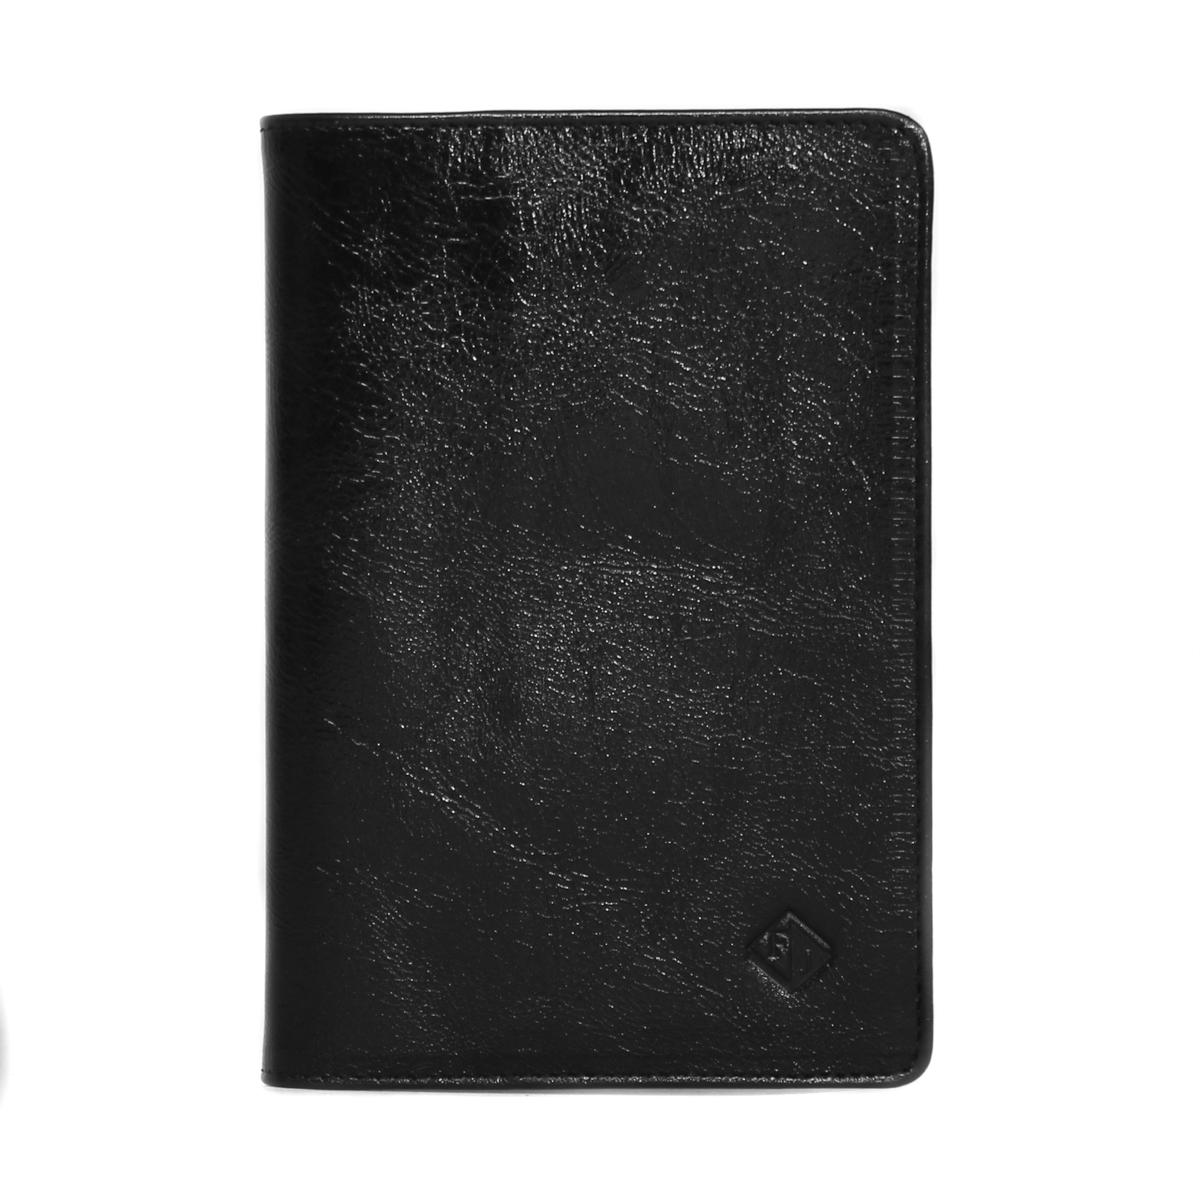 Обложка для паспорта женская Flioraj, цвет: черный. 0005111300051113Удобная и практичная обложка для документов.